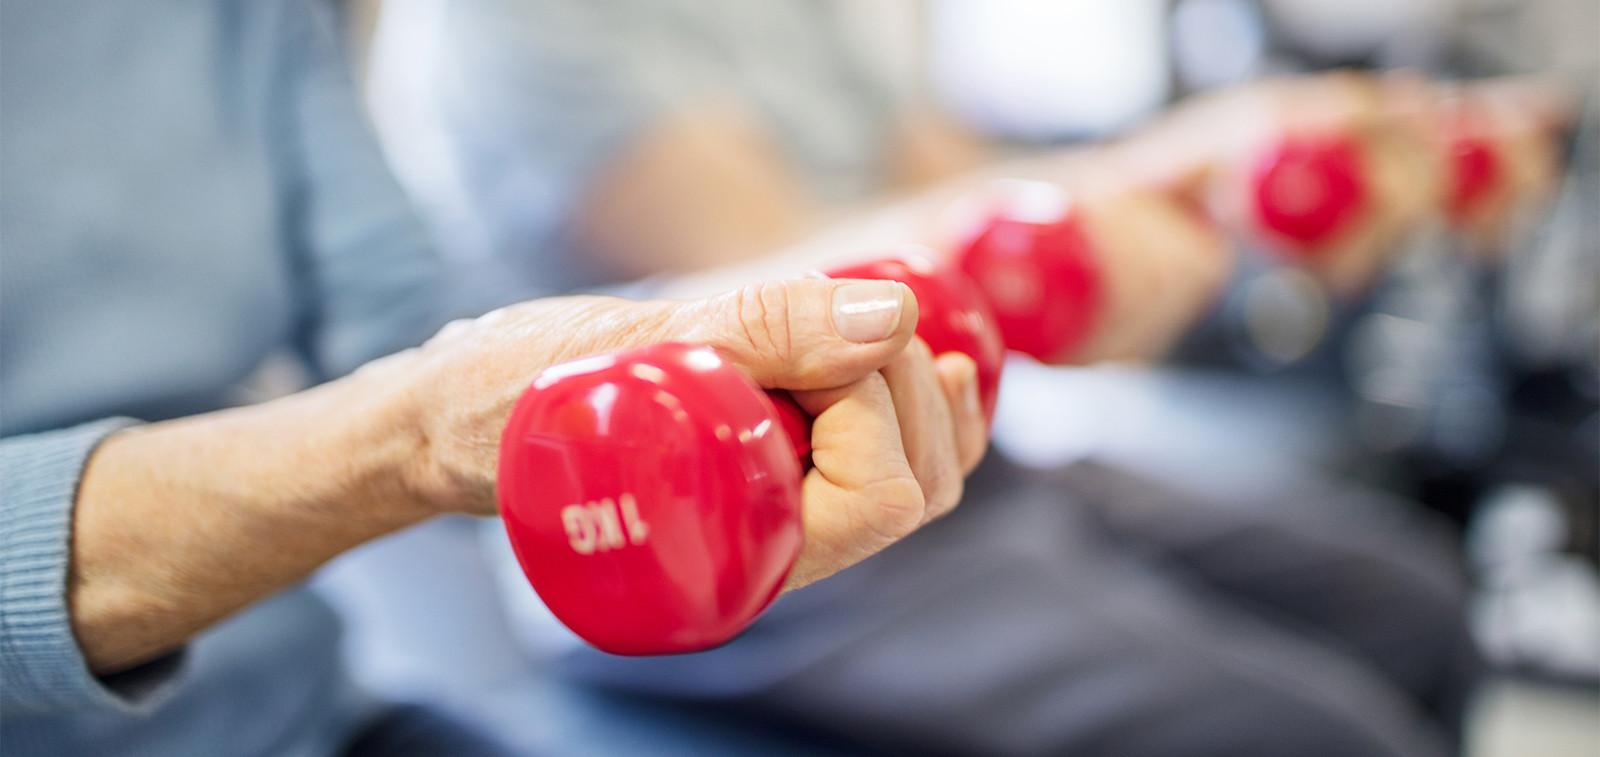 Ikääntyneillä punaiset painot käsissä.